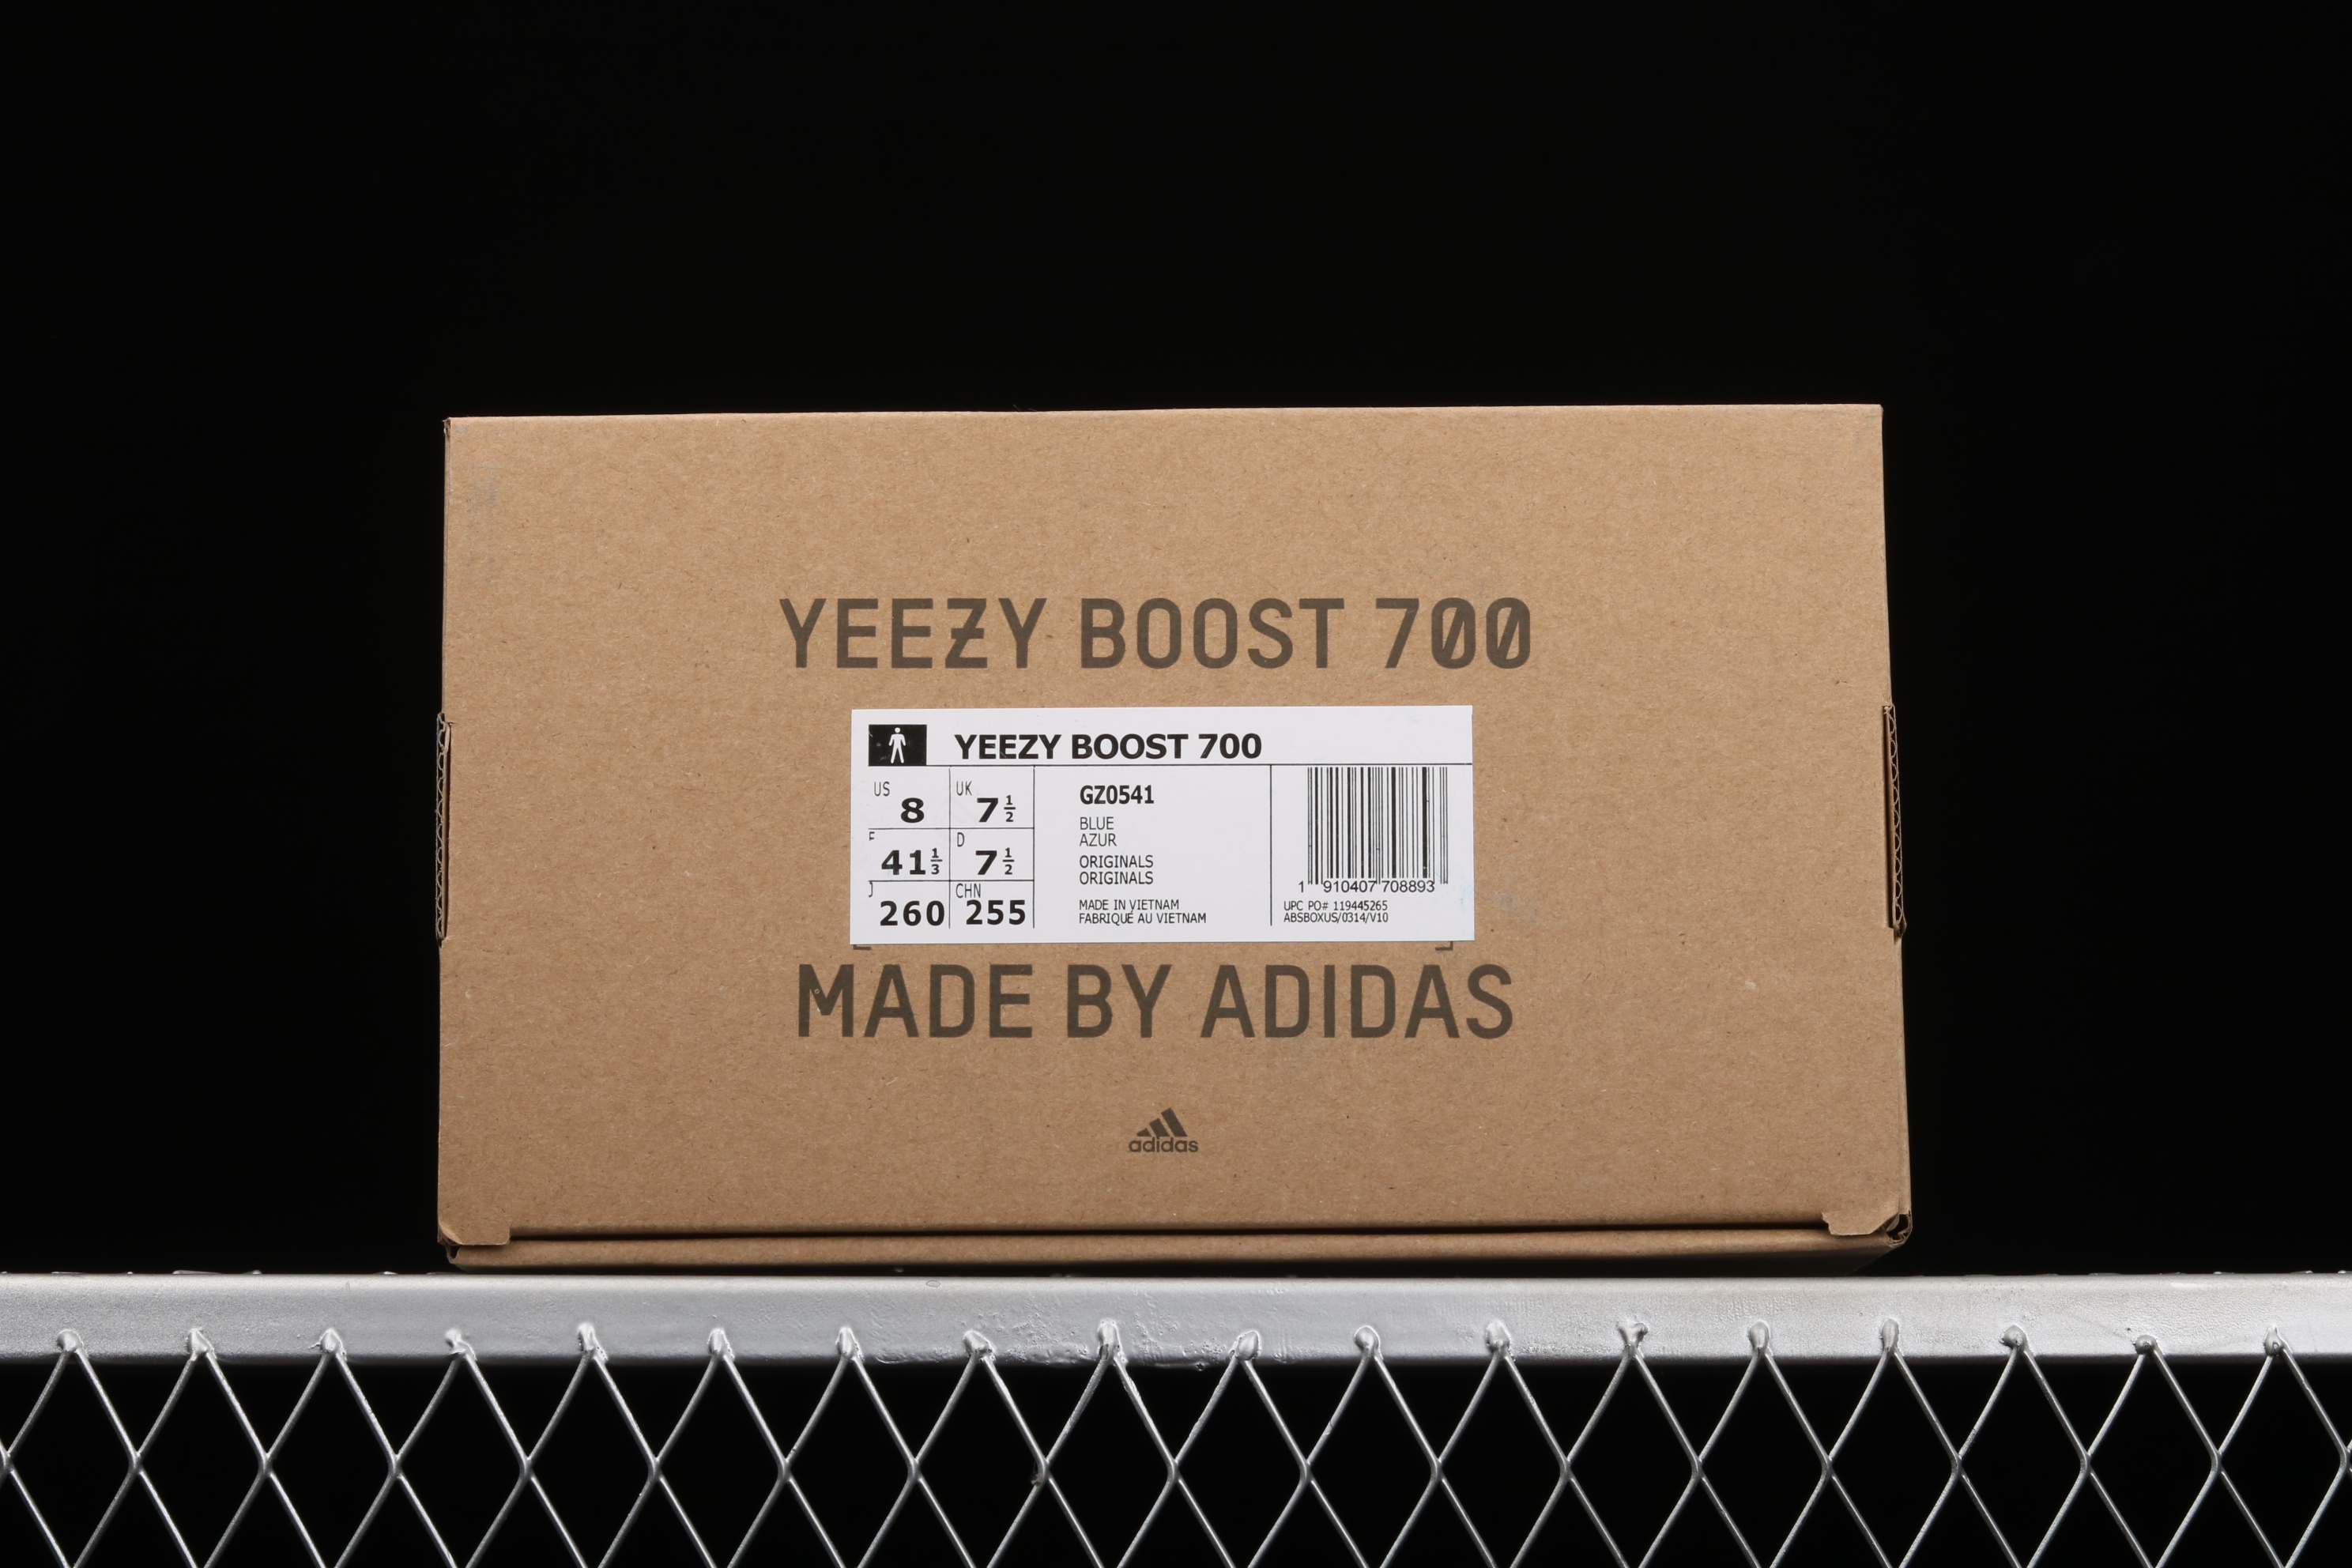 性价版本 Ad Yeezy Boost 700 GZ0541 侃爷椰子700 3M反光蓝桔色跑鞋